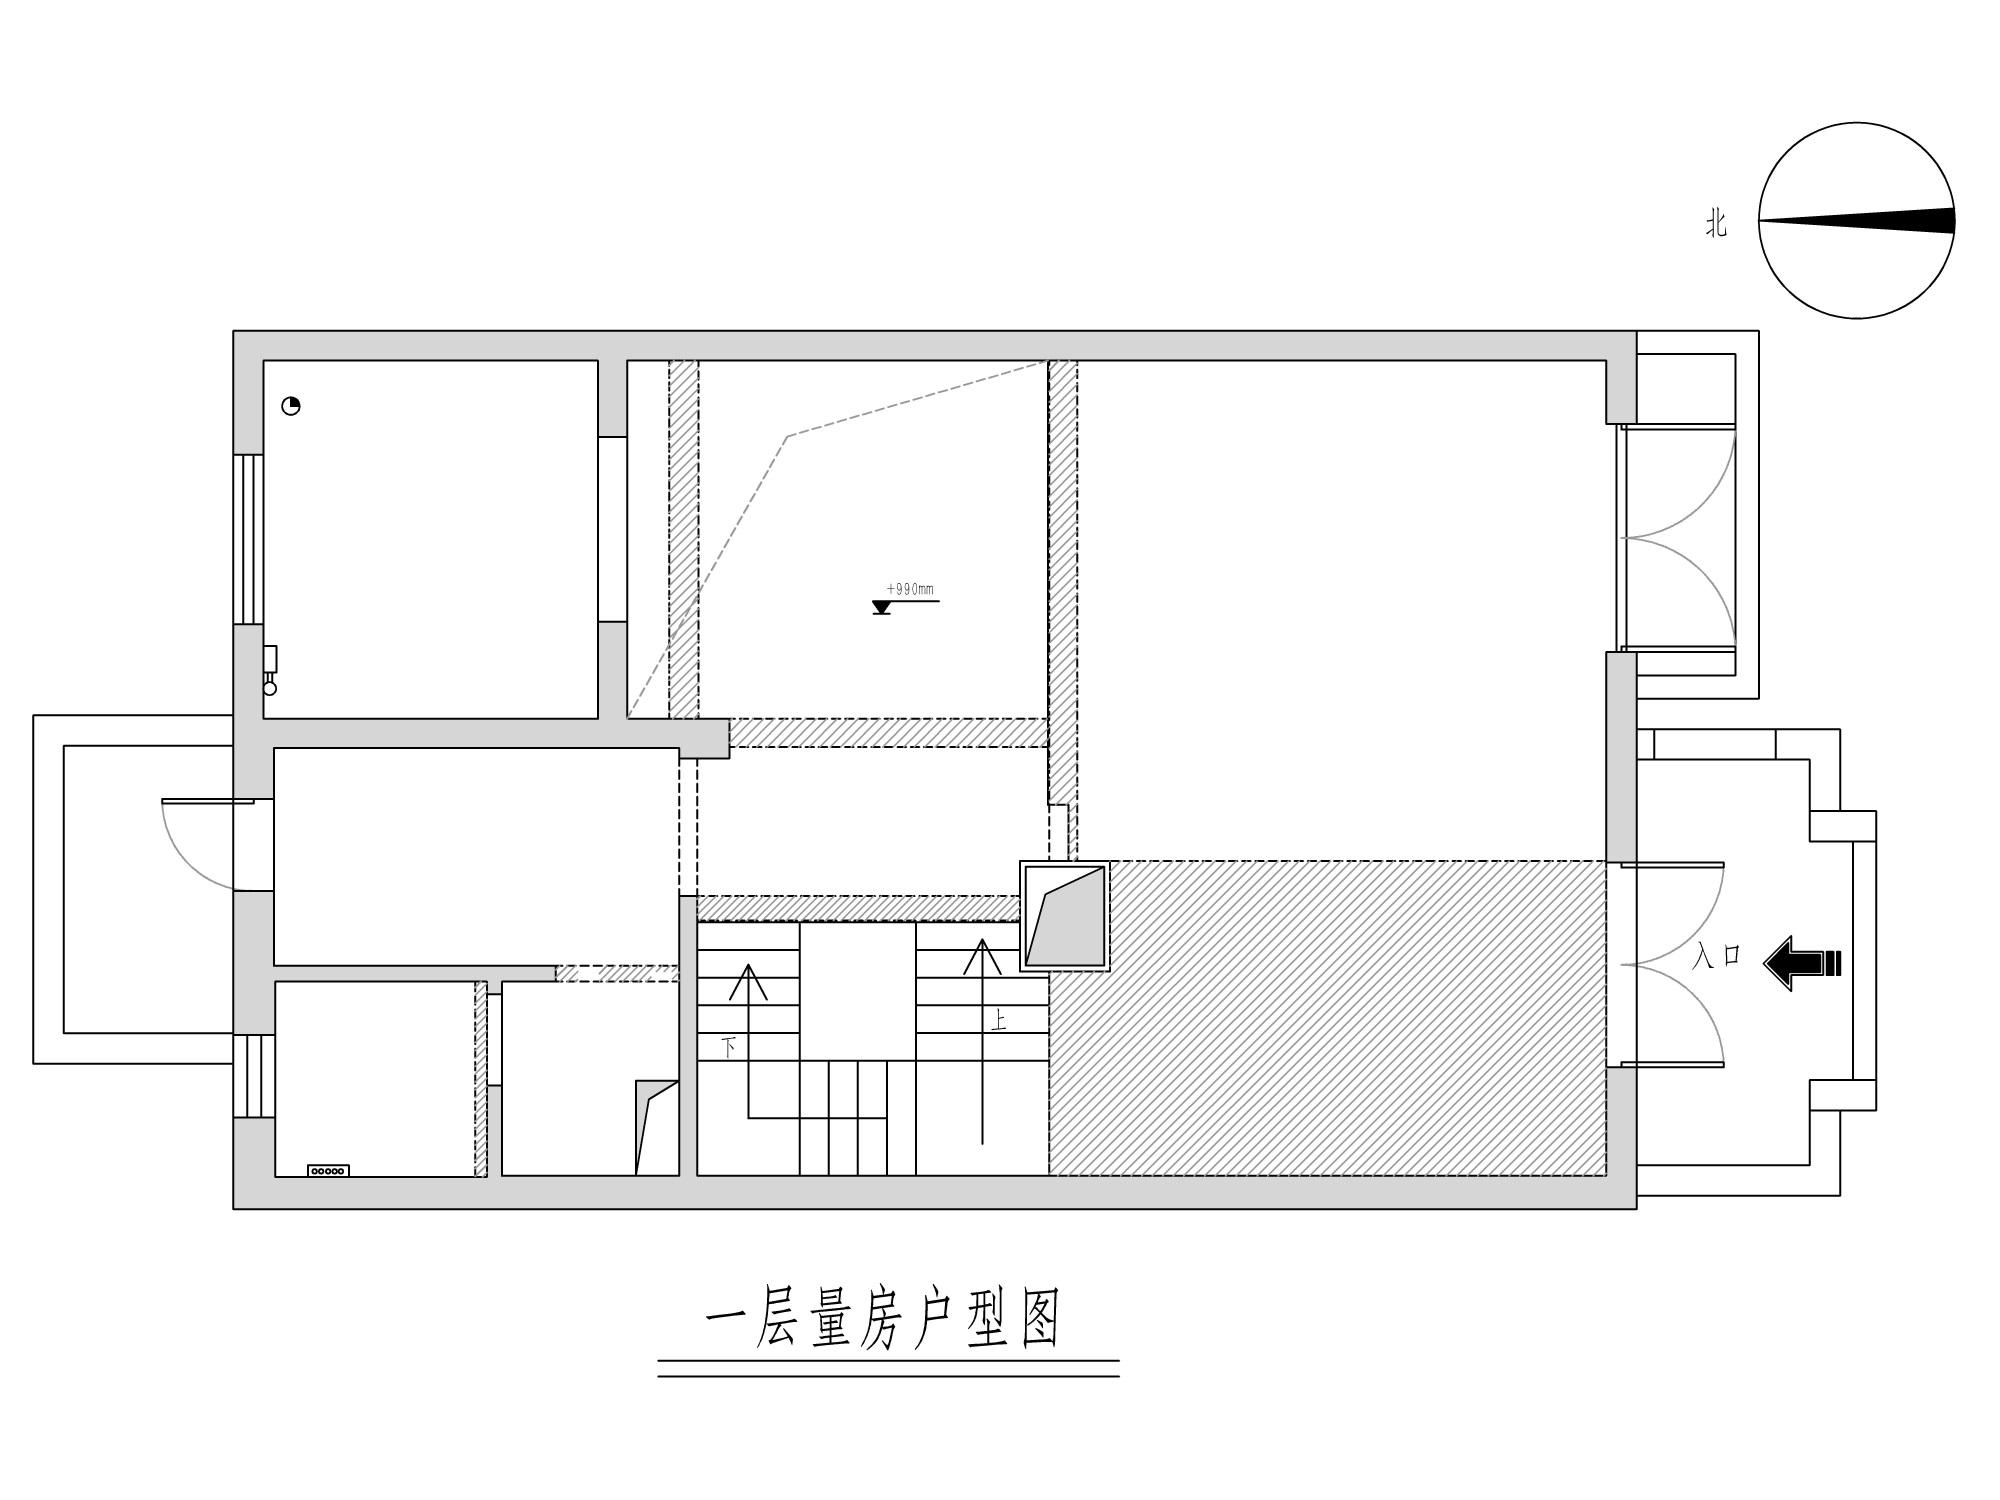 盛高山鼎簡歐385平米裝修效果圖裝修設計理念